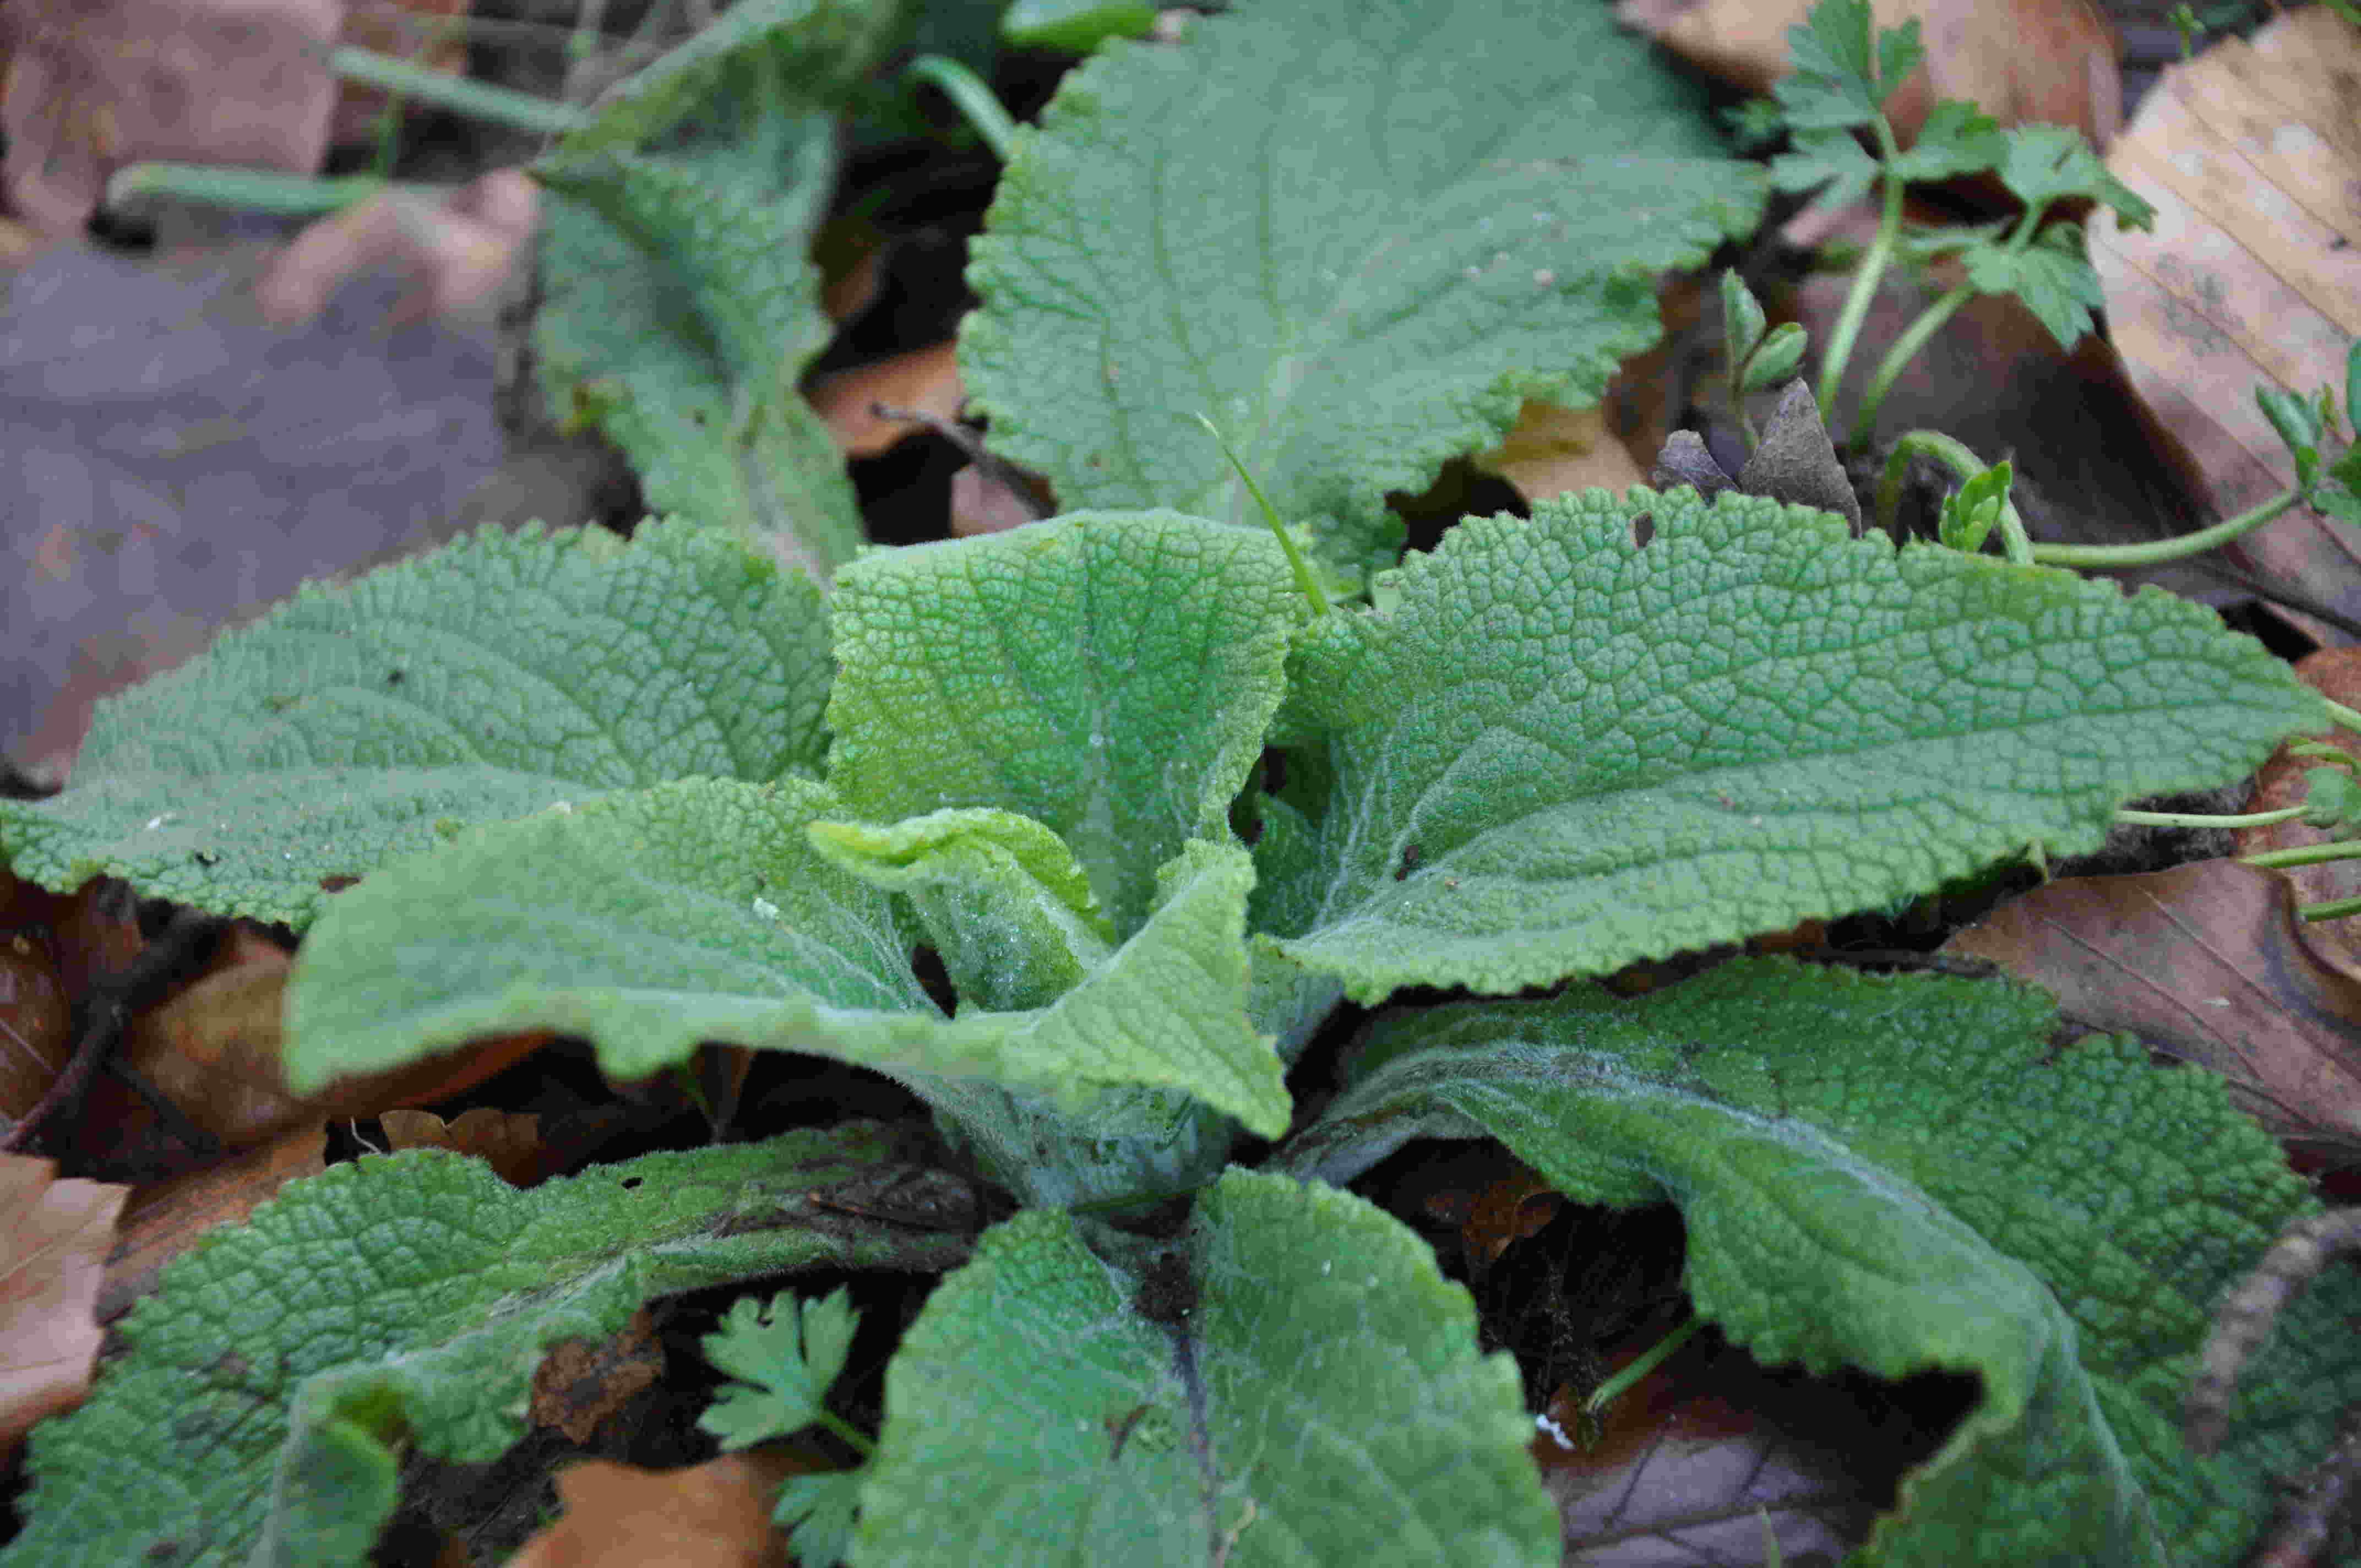 Fingerborgsblomman är en tvåårig bienn växt.